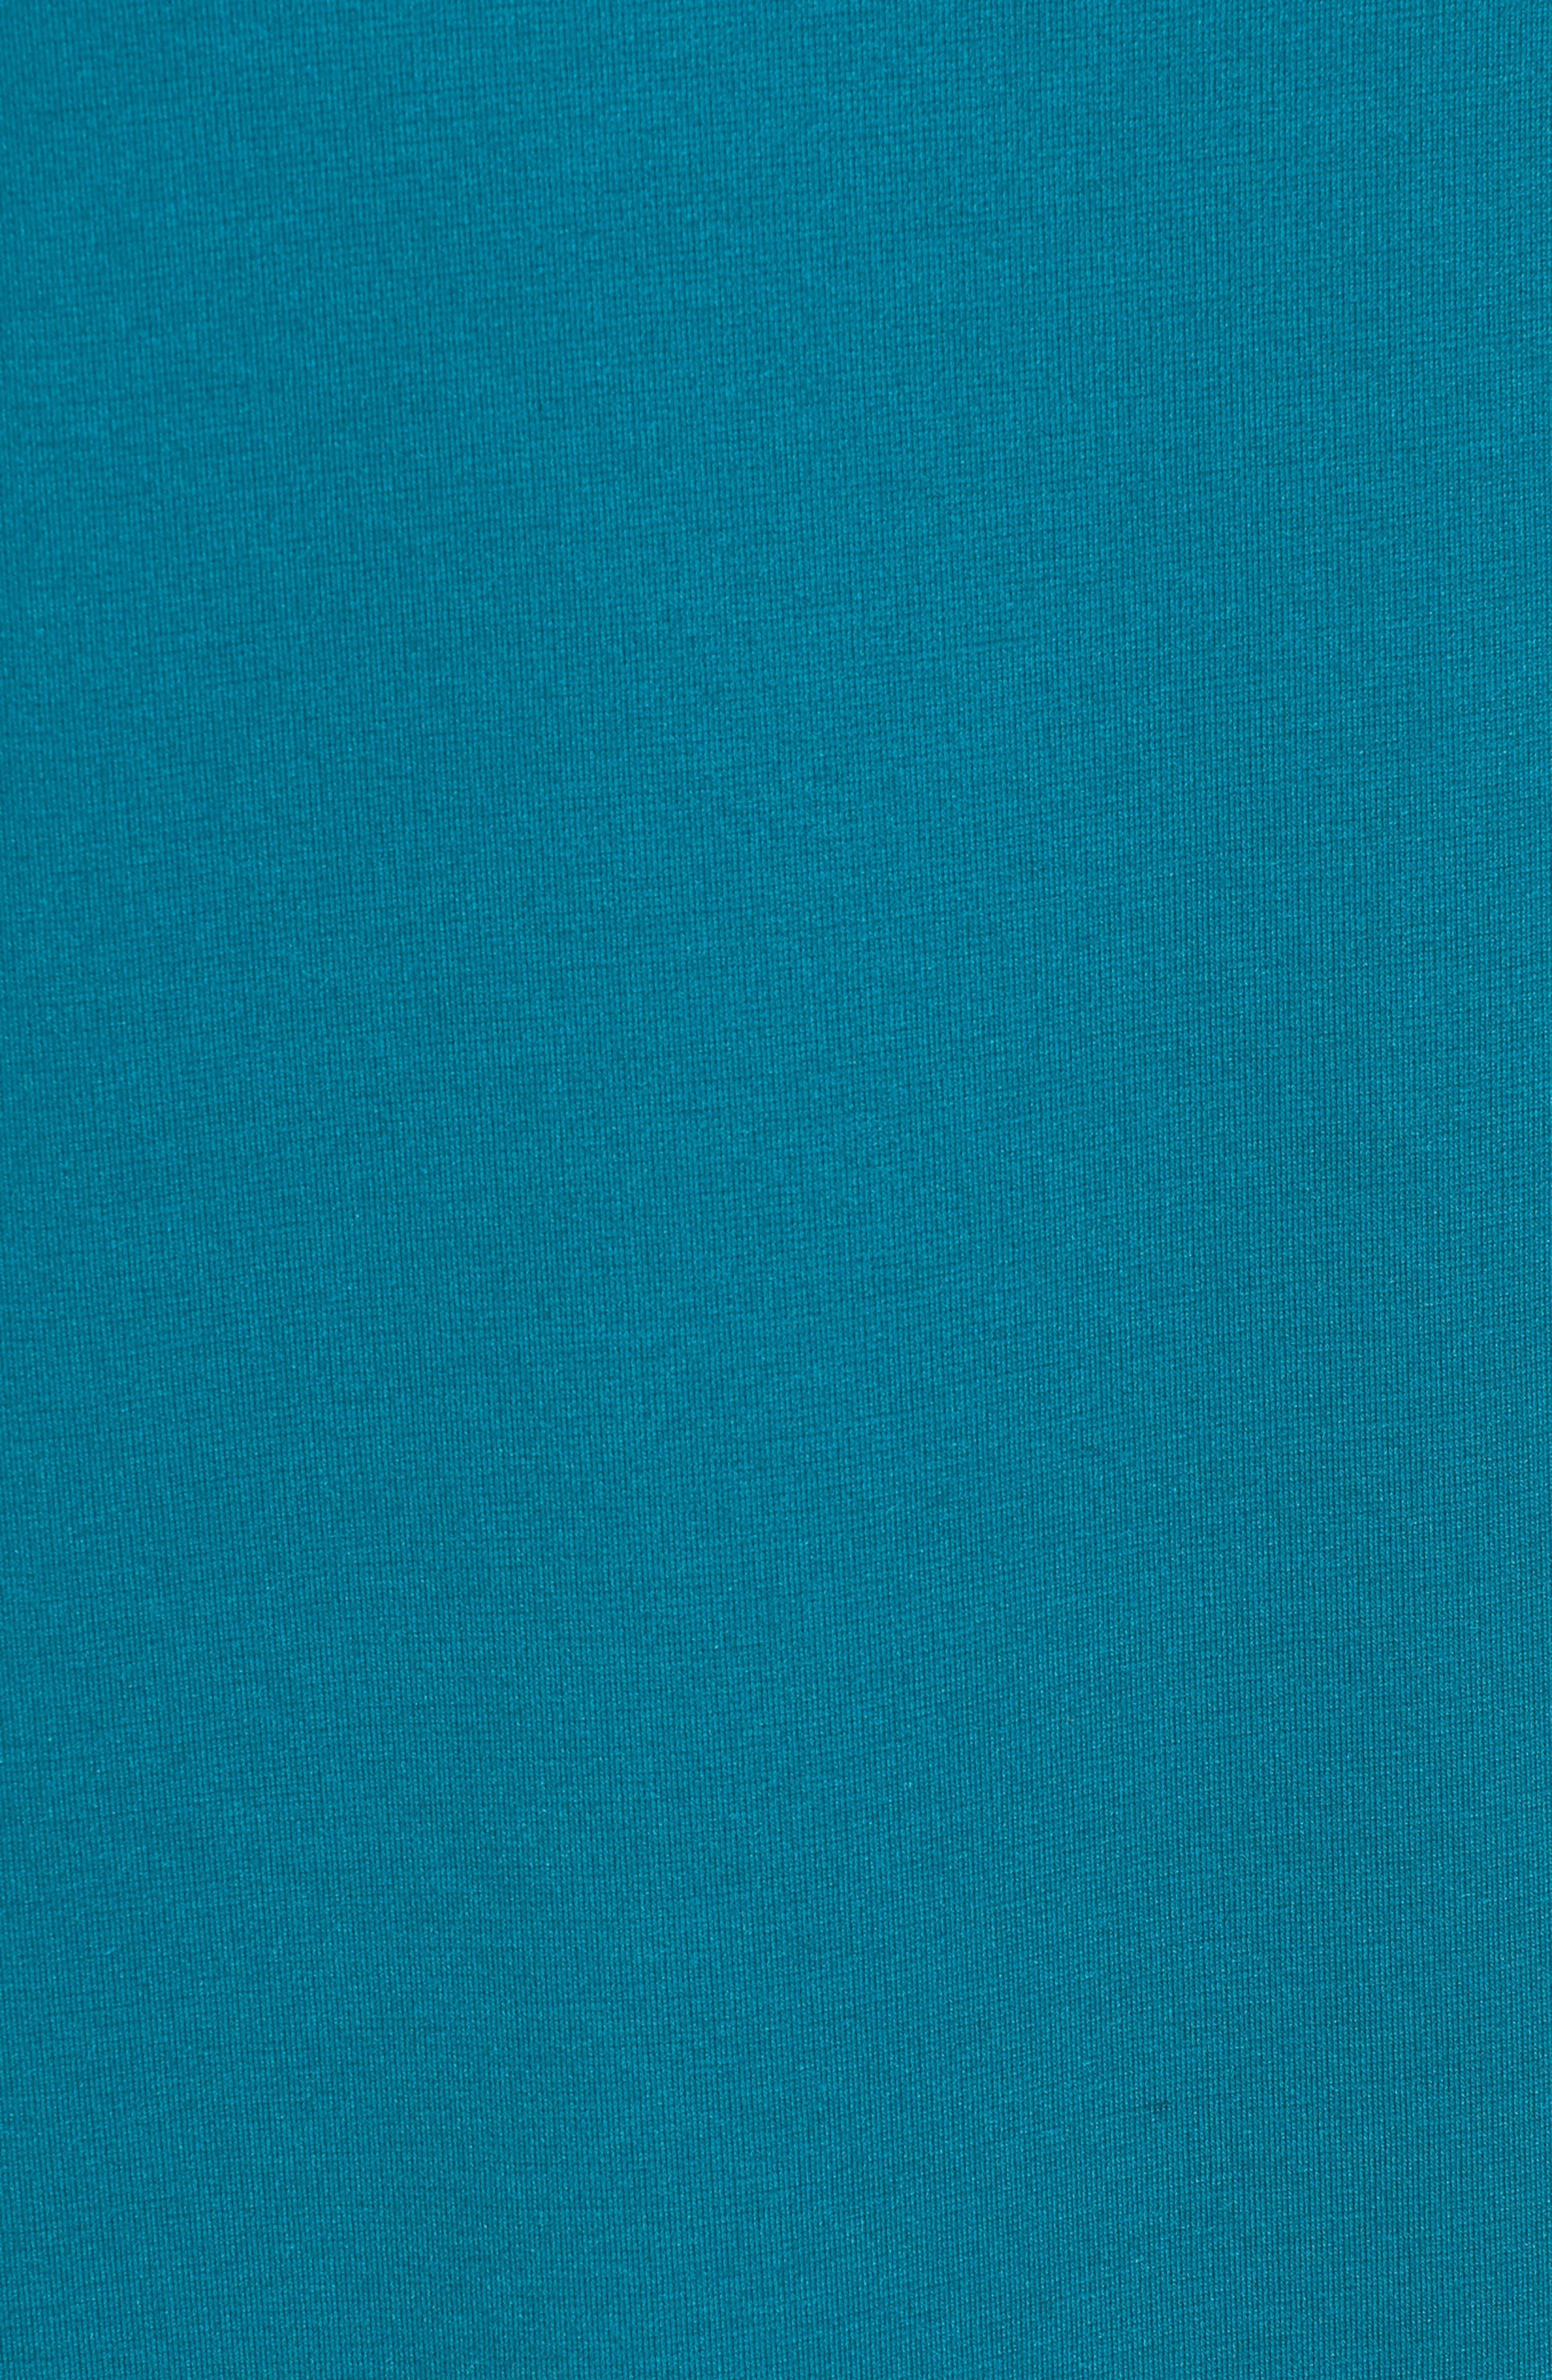 Ruffle Sleeve Shift Dress,                             Alternate thumbnail 6, color,                             440